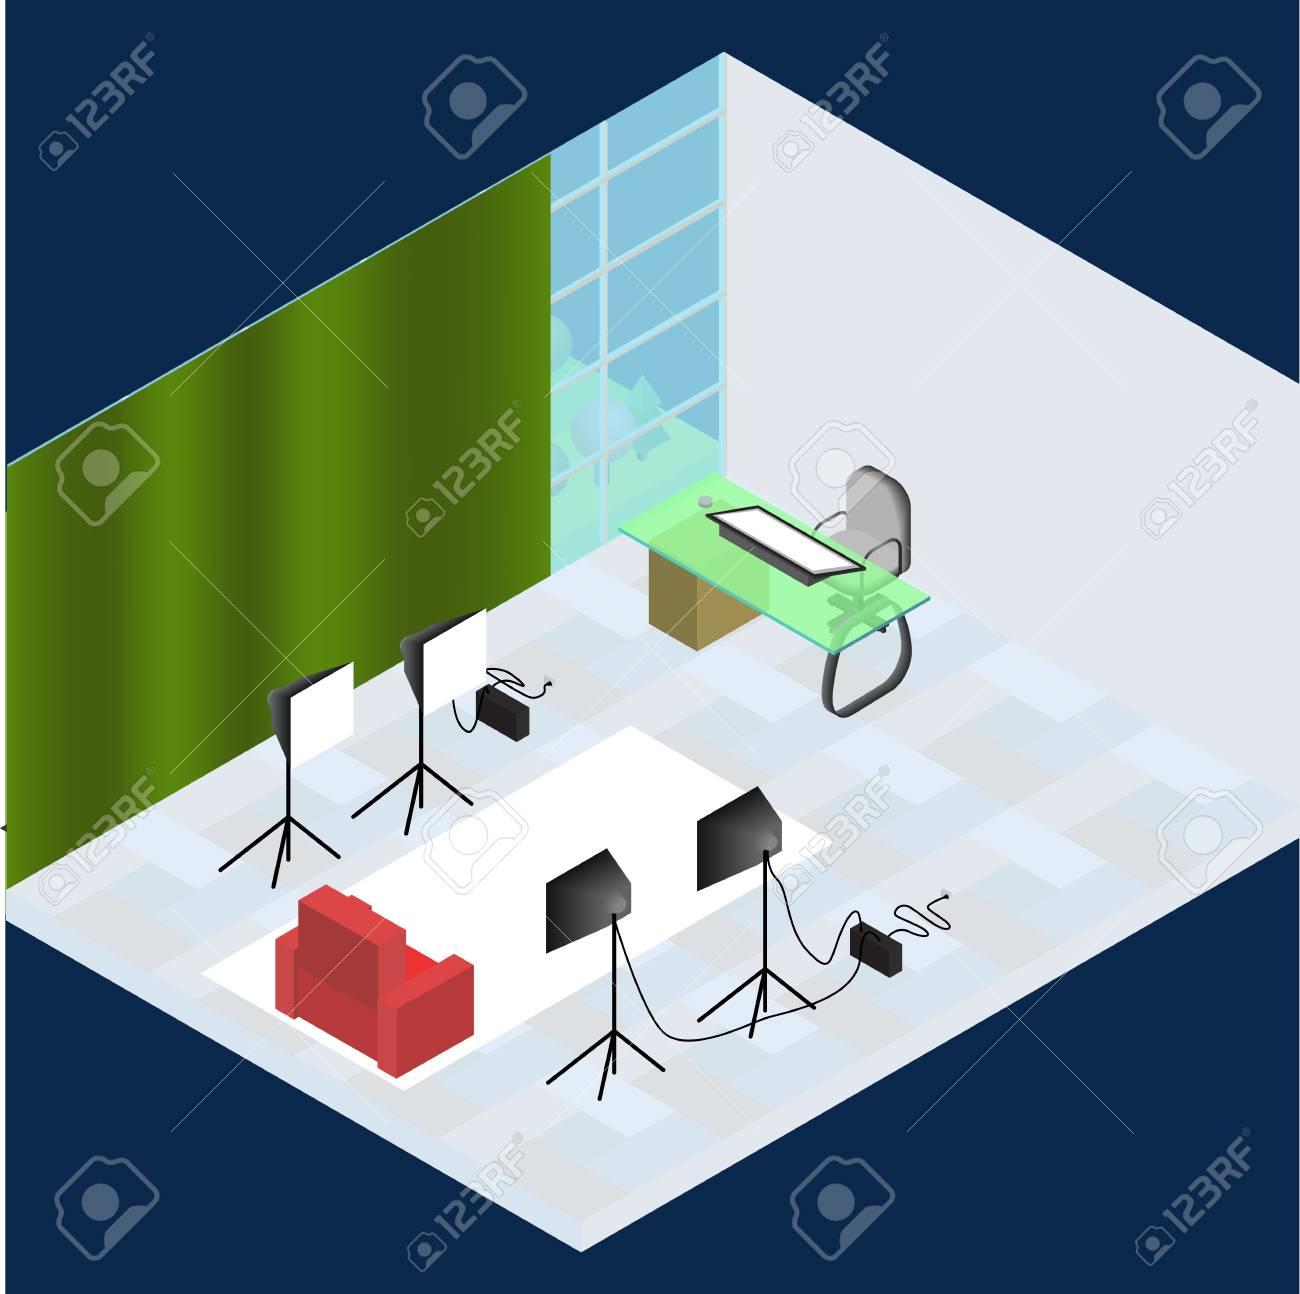 Isometrisches Foto Studio Raum Innenraum Mit Arbeitsplatz, Ausrüstung,  Professionelle Beleuchtung Und Fotoaparat. 3D